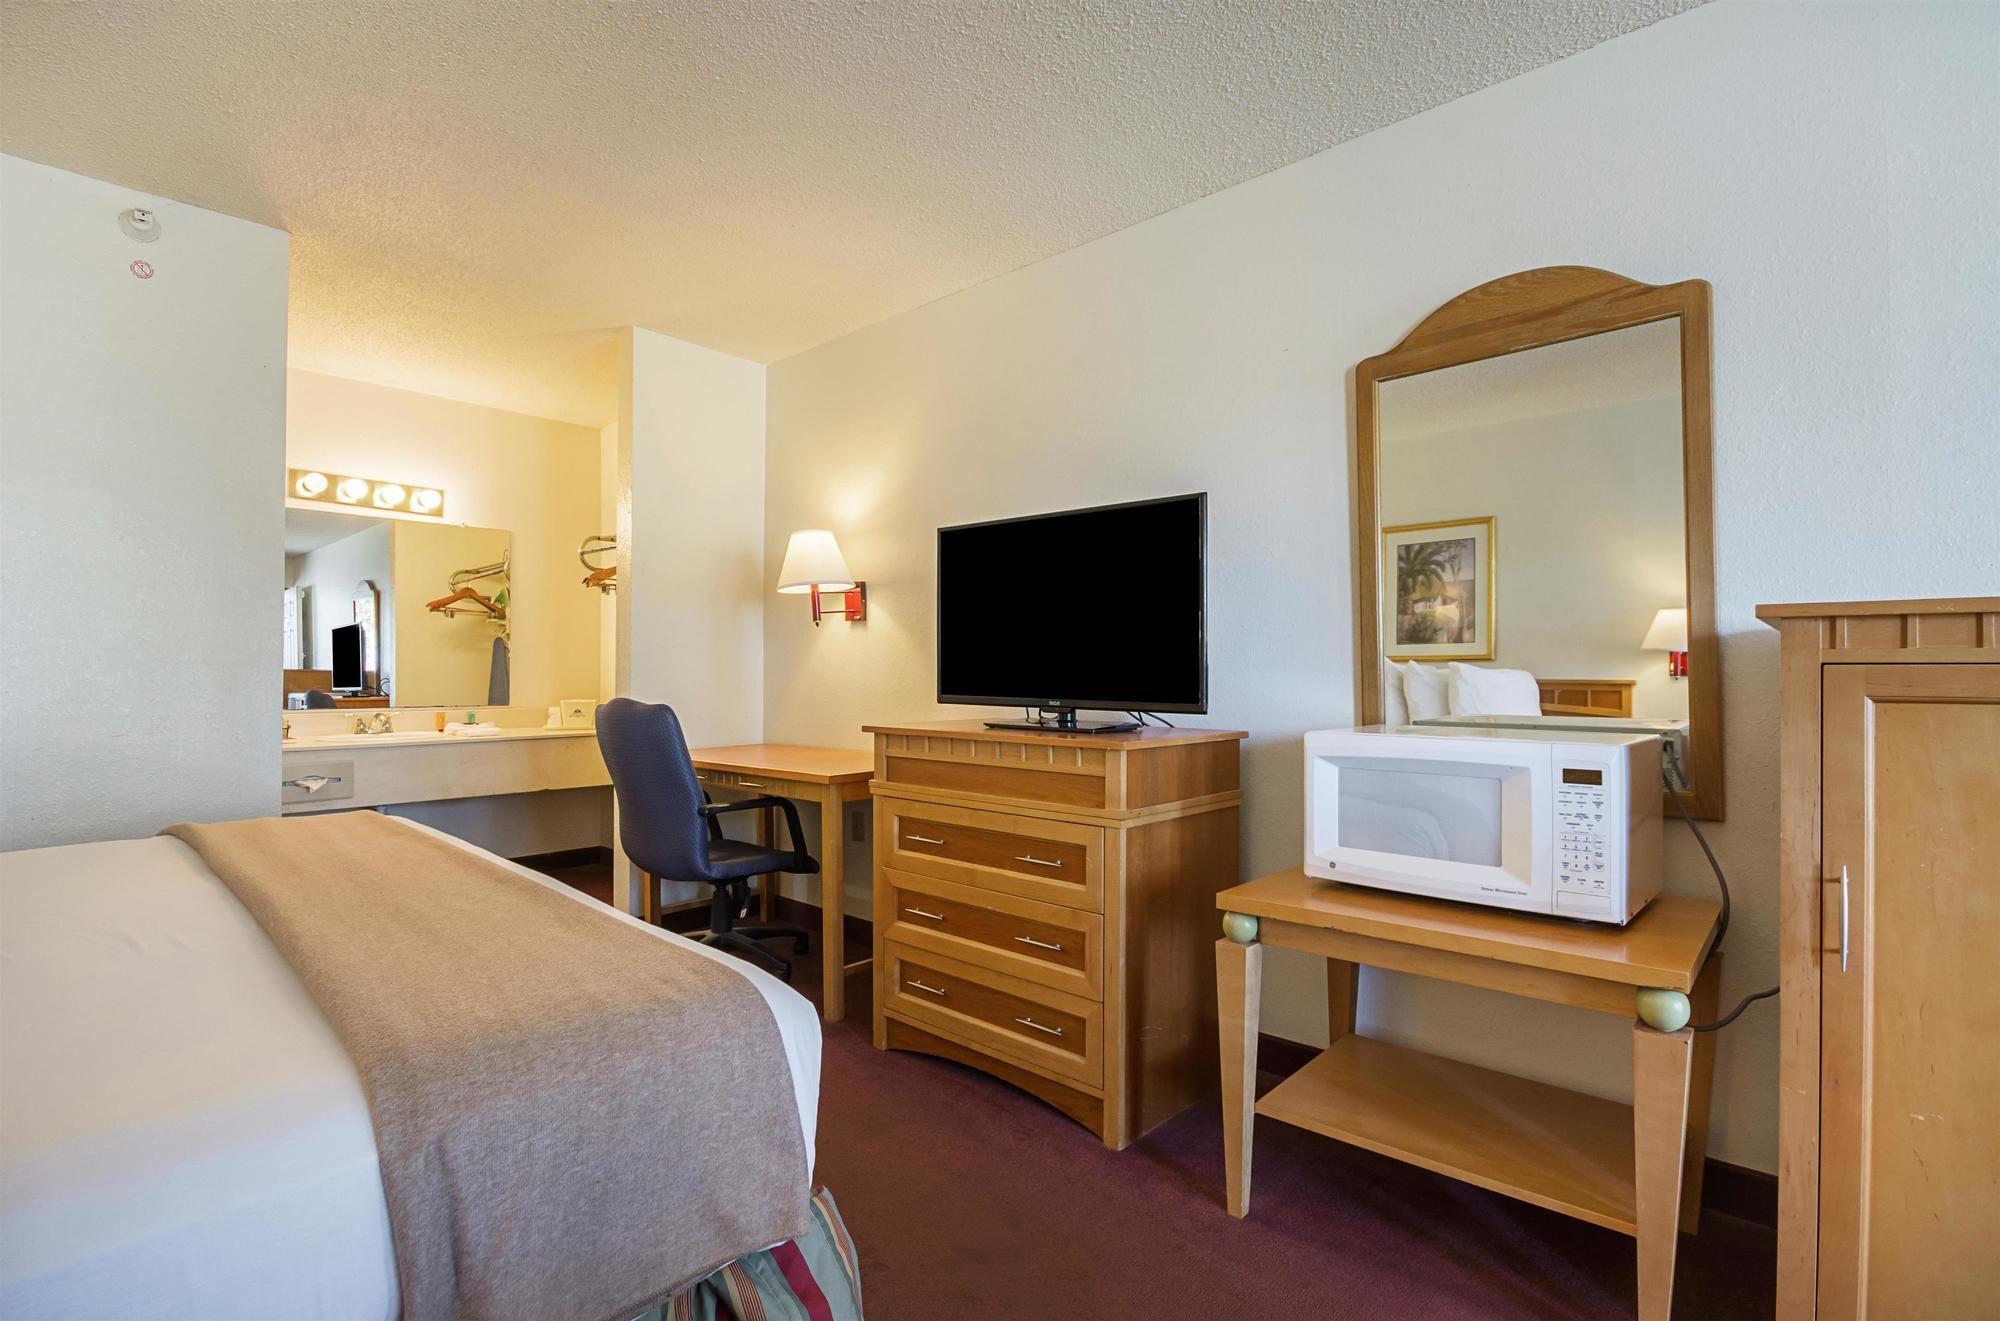 Americas Best Value Inn & Suites Melbourne king bed